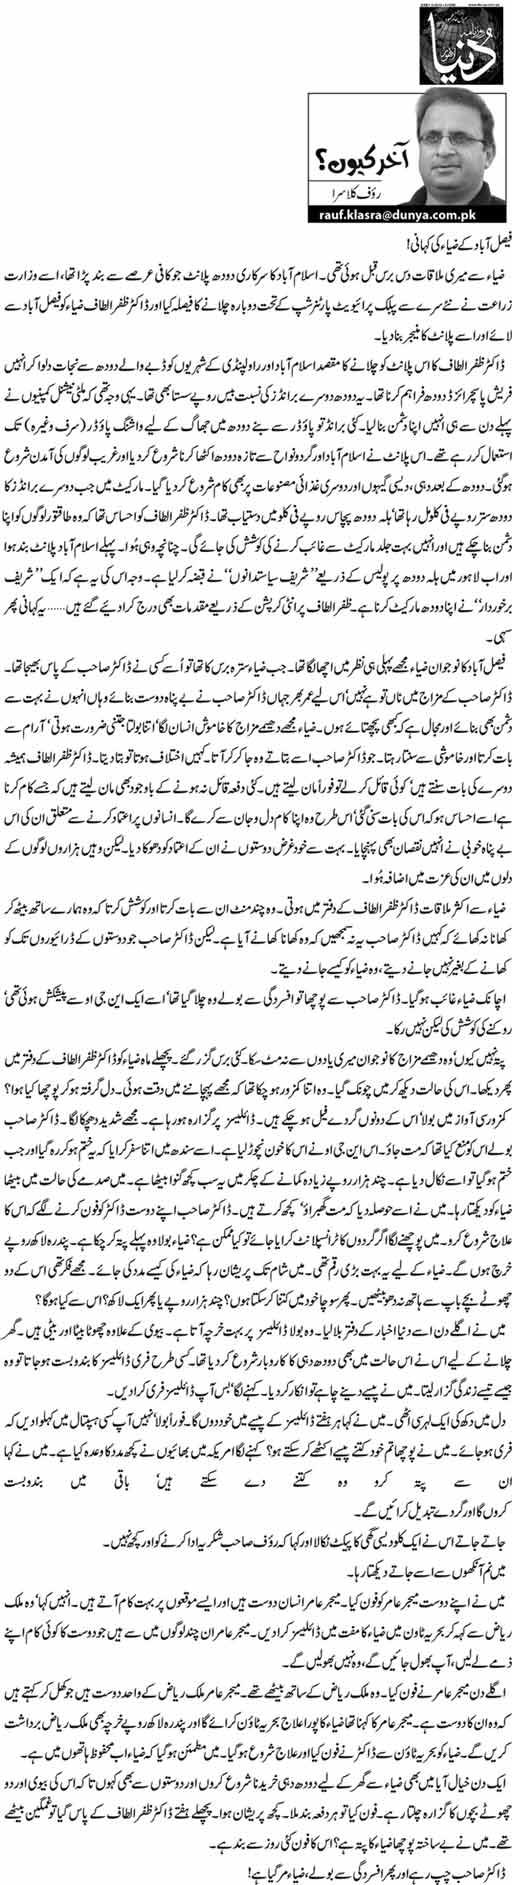 Faisalabad K Zia Ki Kahani! - Rauf Klasra